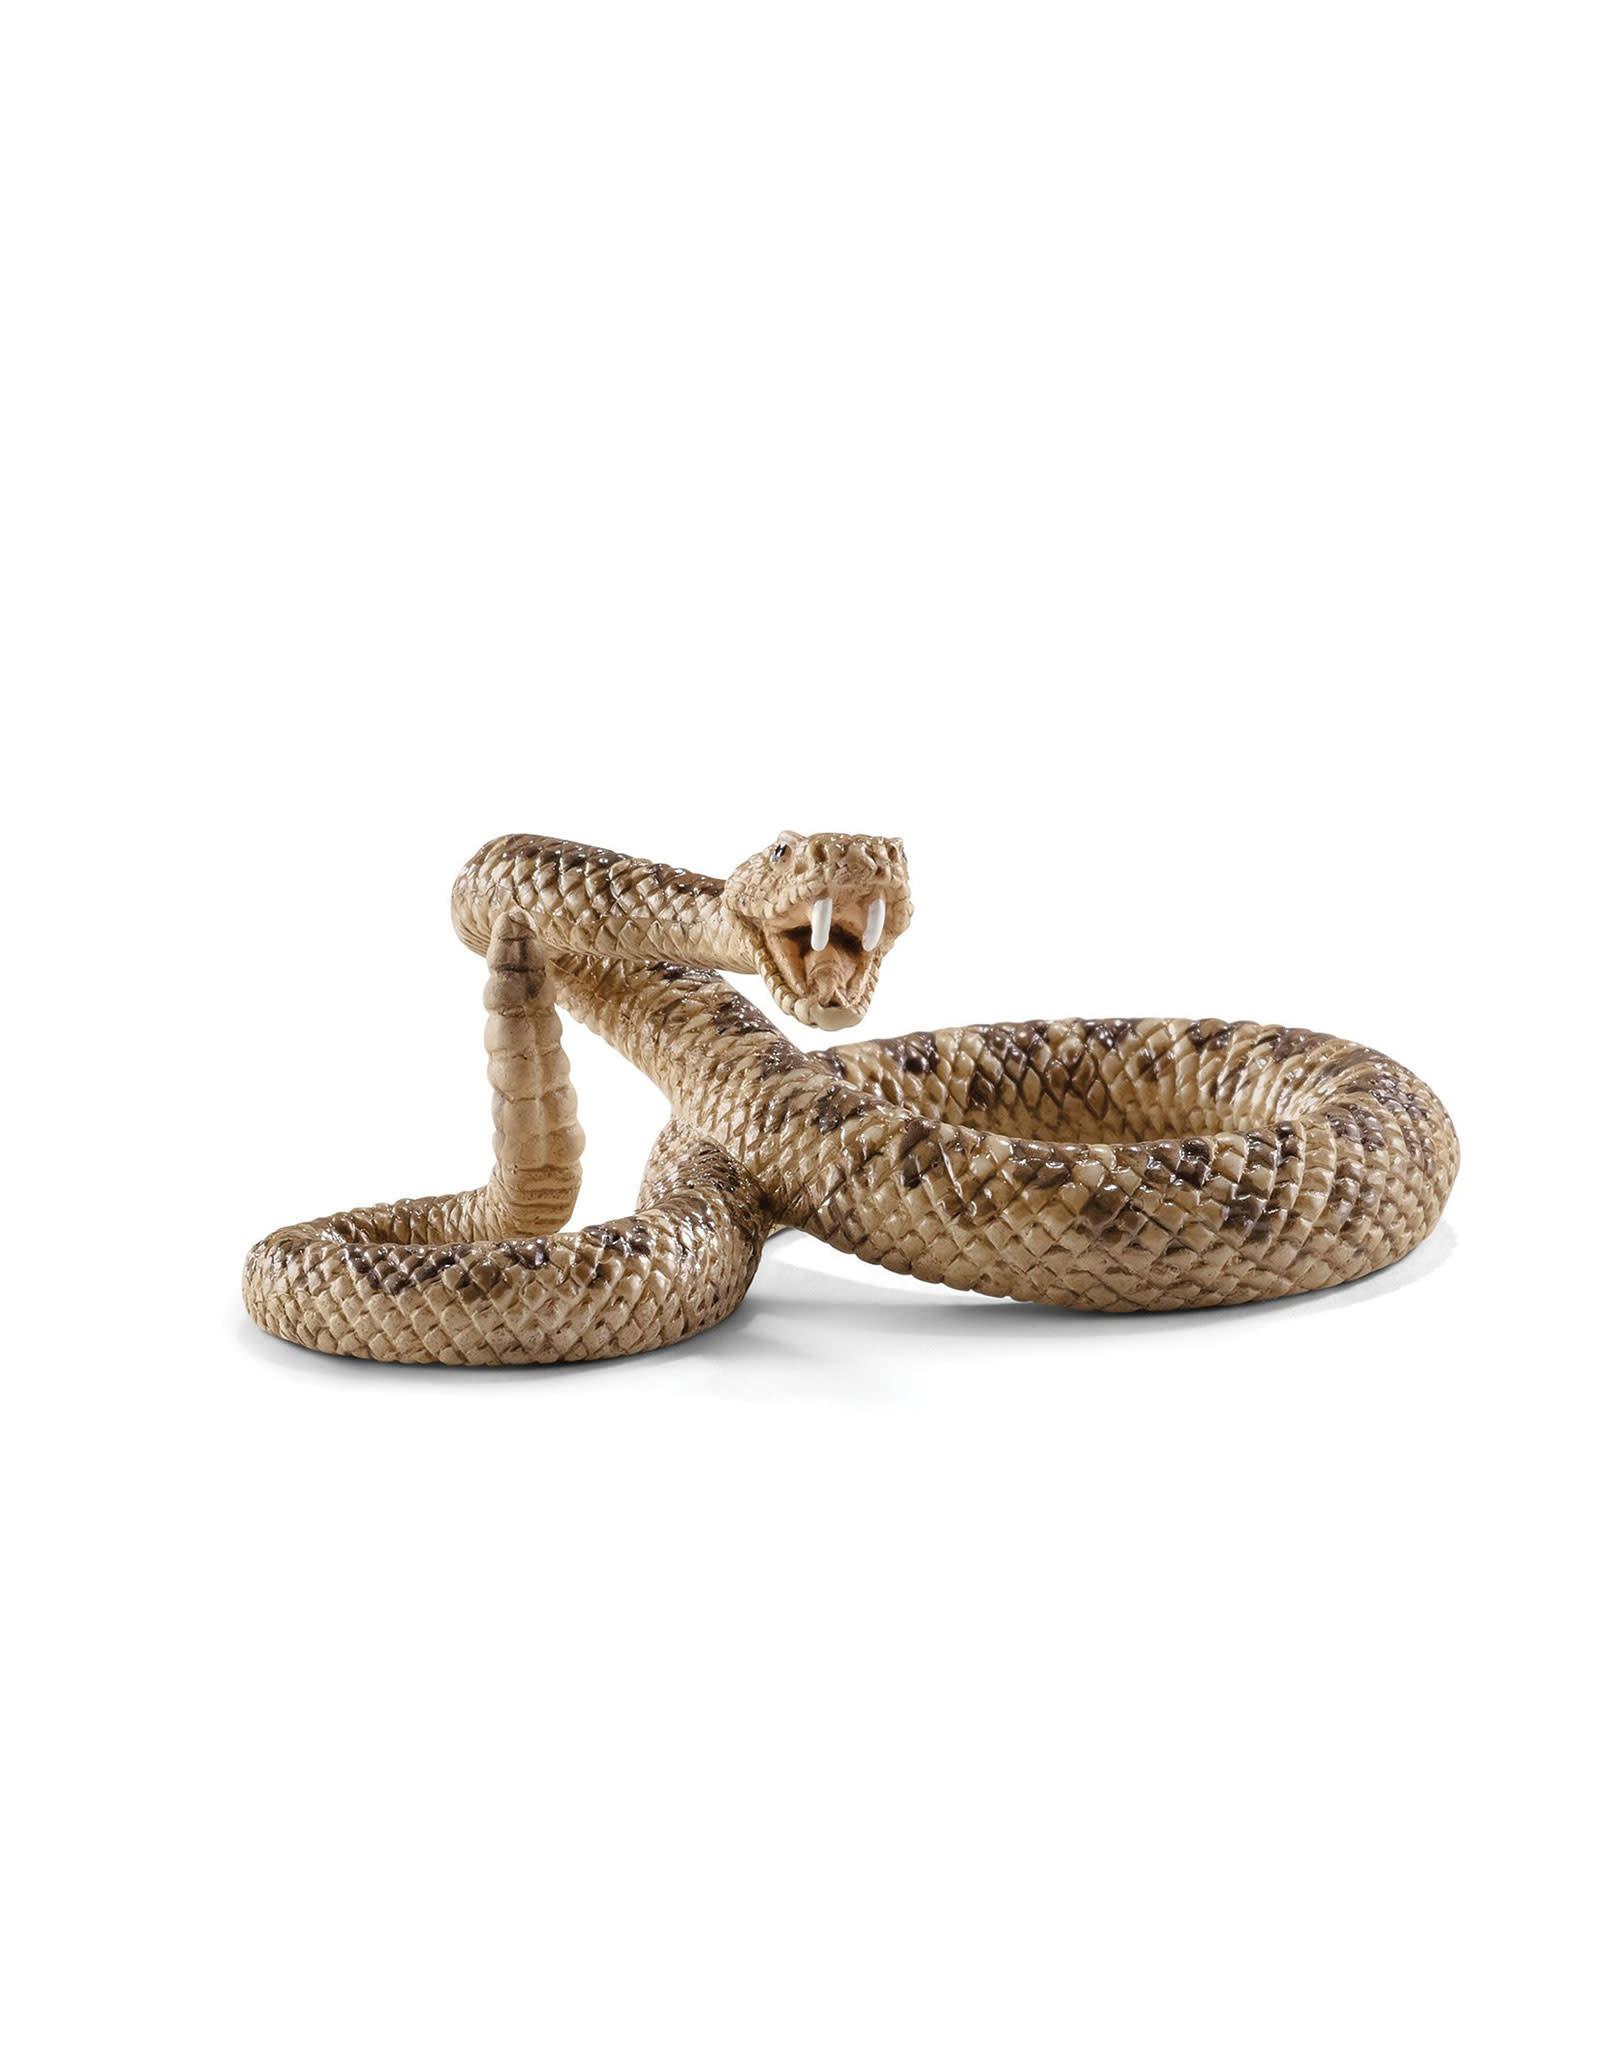 Schleich Animal - Serpent à sonnette